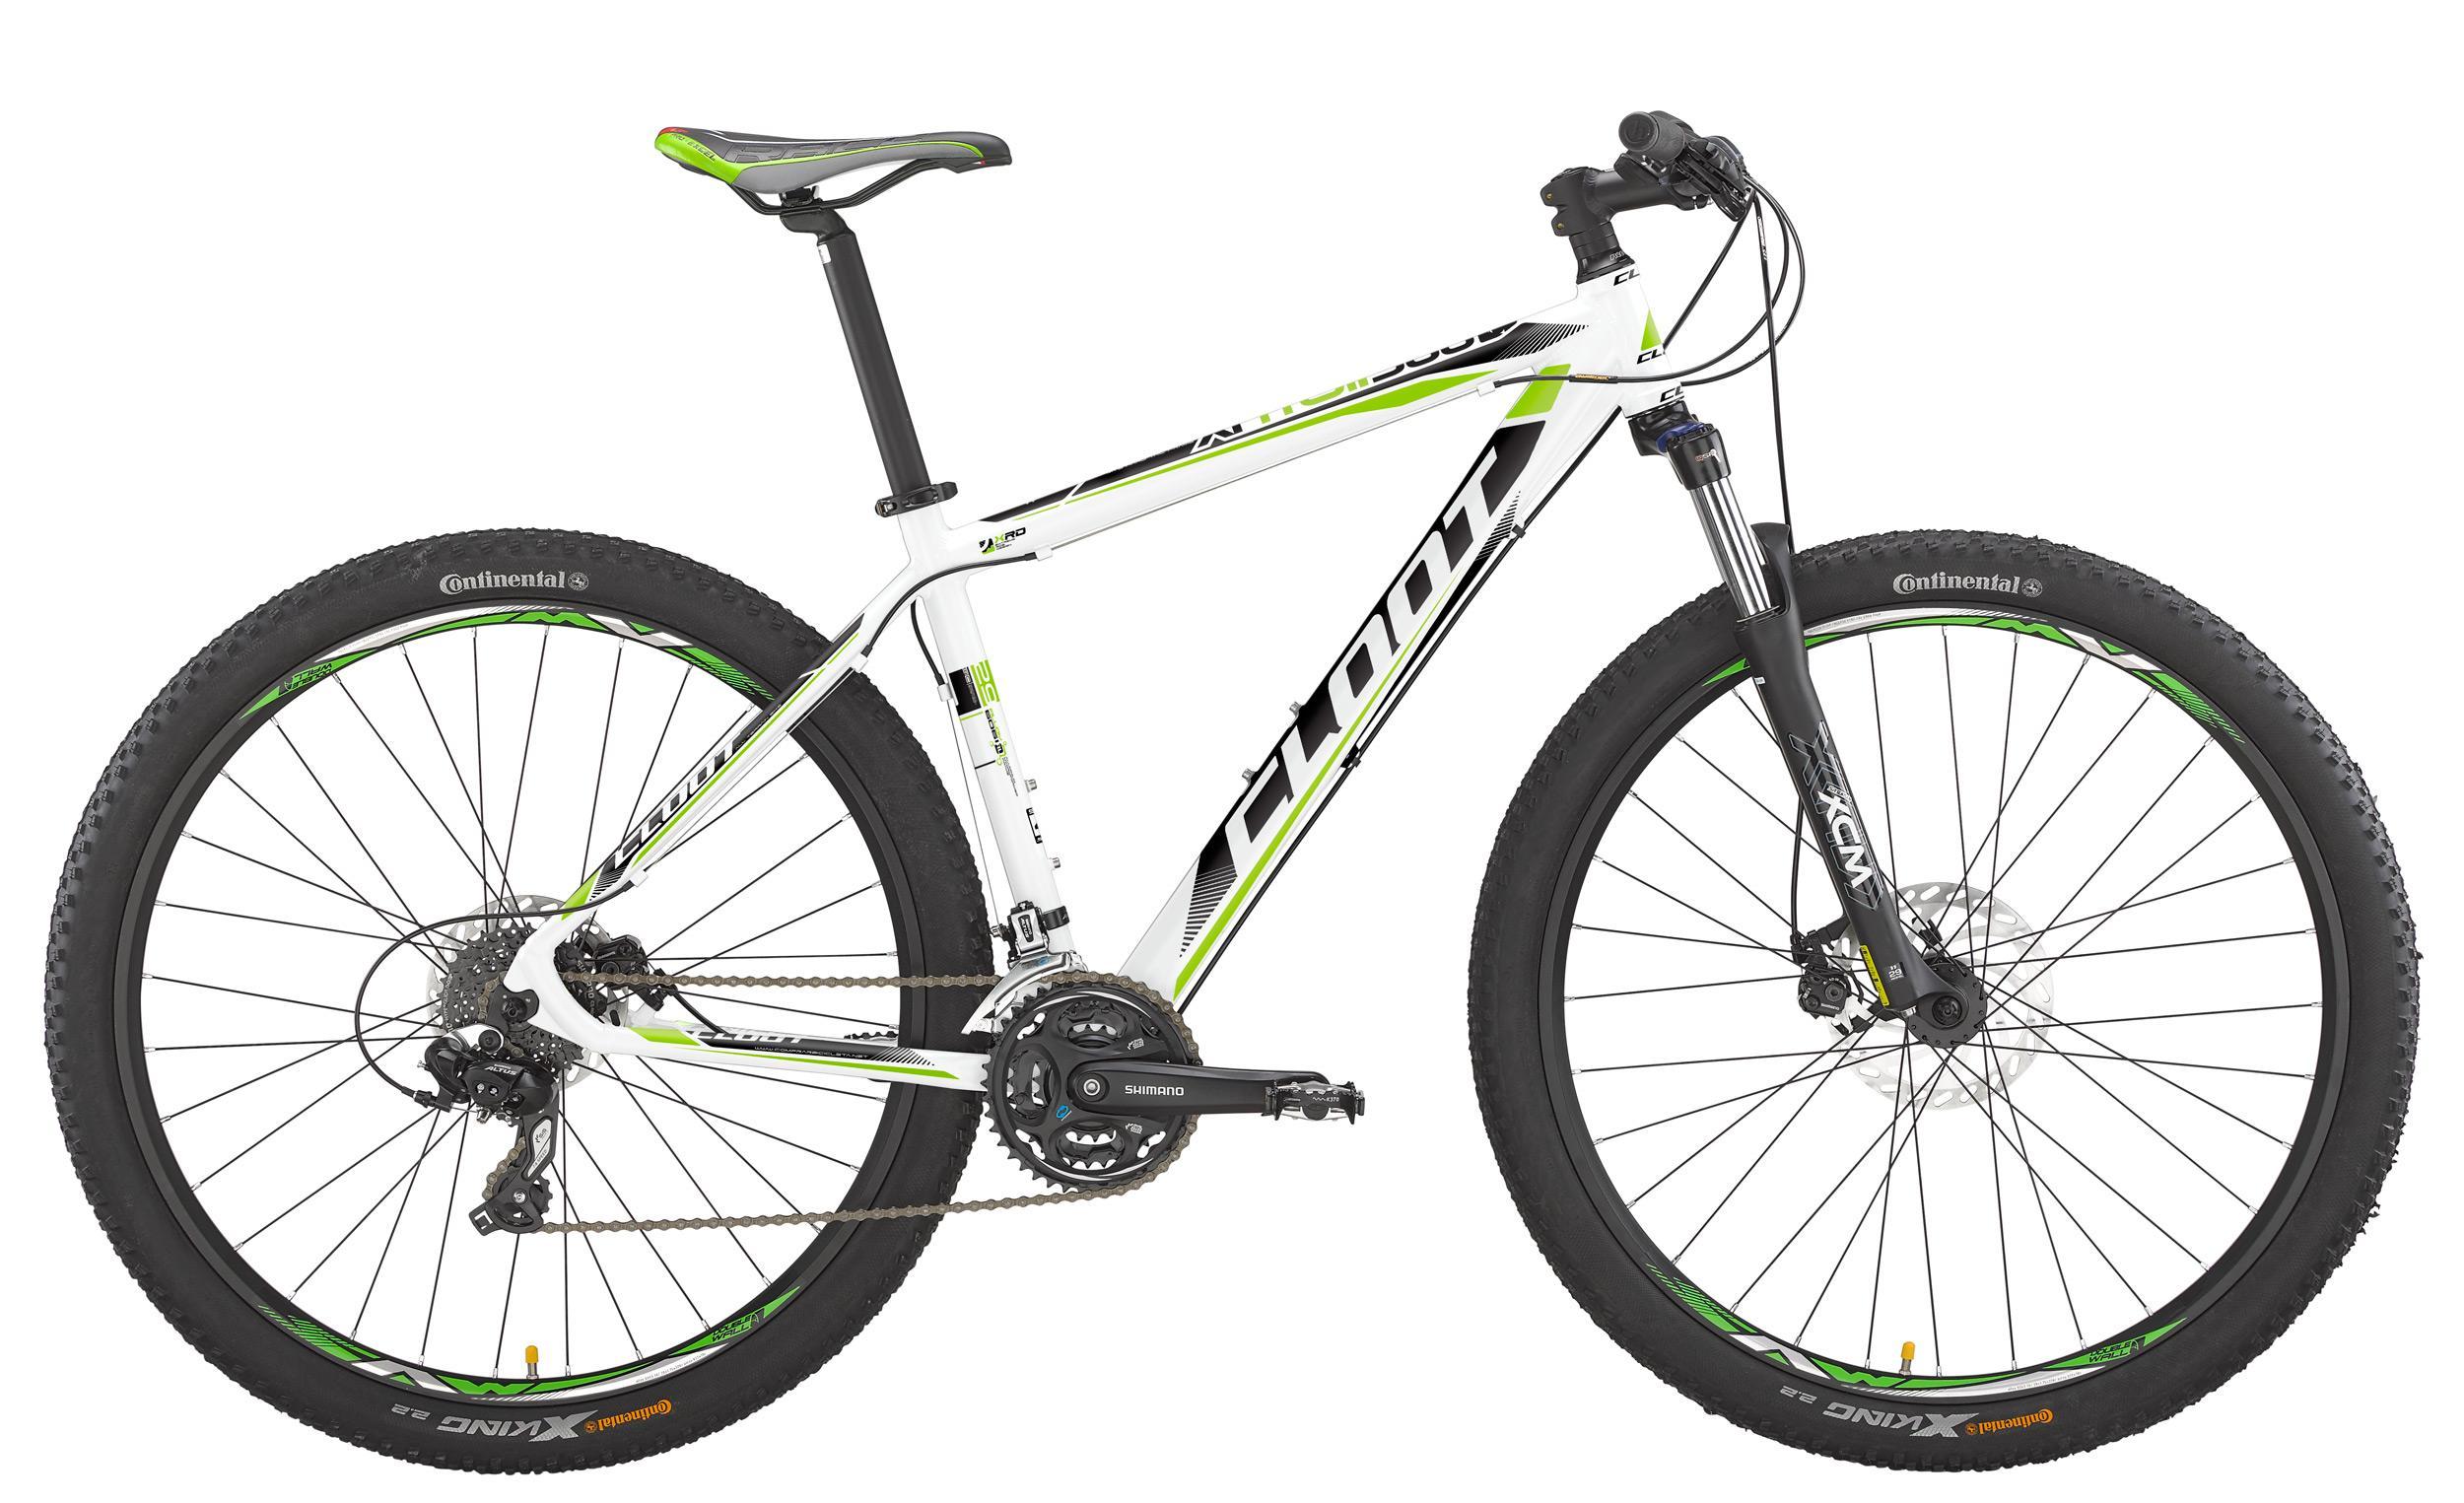 Bicicletas de montaña - Comprar bicicleta montaña 29, 27.5 o 26 ...